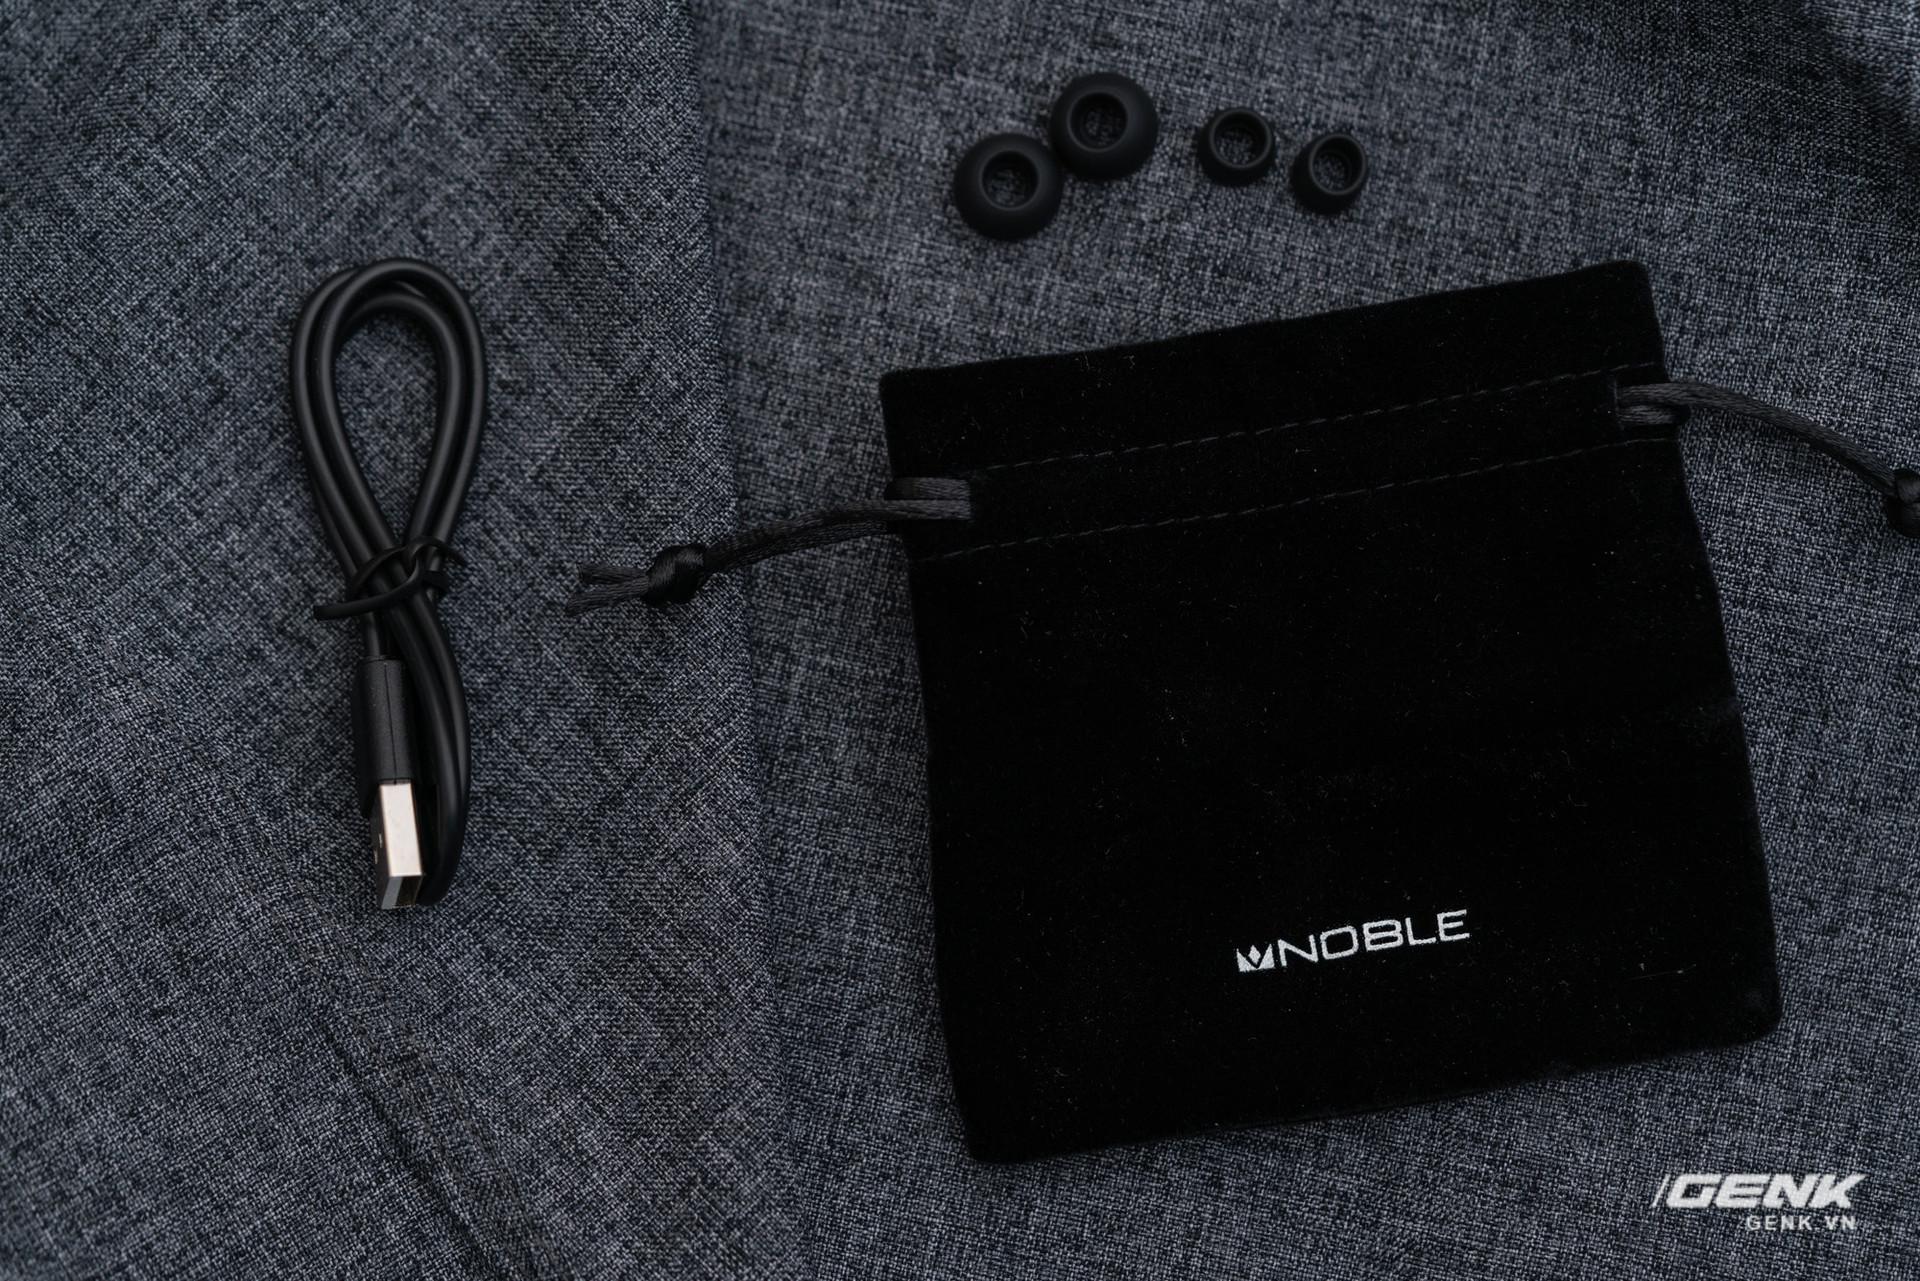 Đánh giá Noble Falcon Pro: Tai nghe True Wireless đắt gấp đôi AirPods Pro mà không có chống ồn chủ động?-3